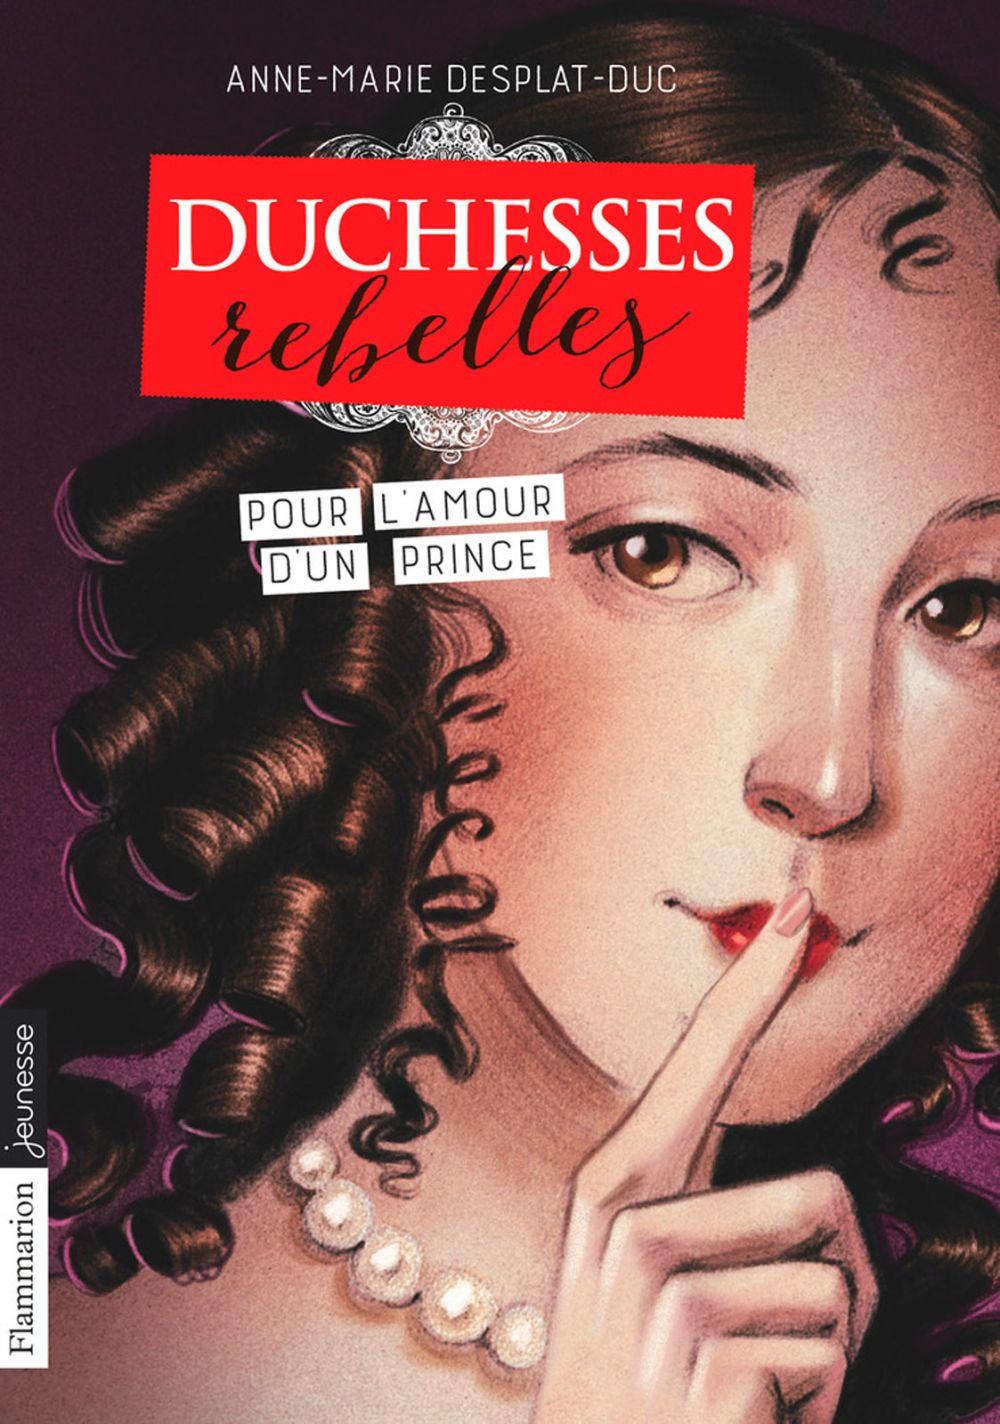 Duchesses rebelles (Tome 3) - Pour l'amour d'un prince